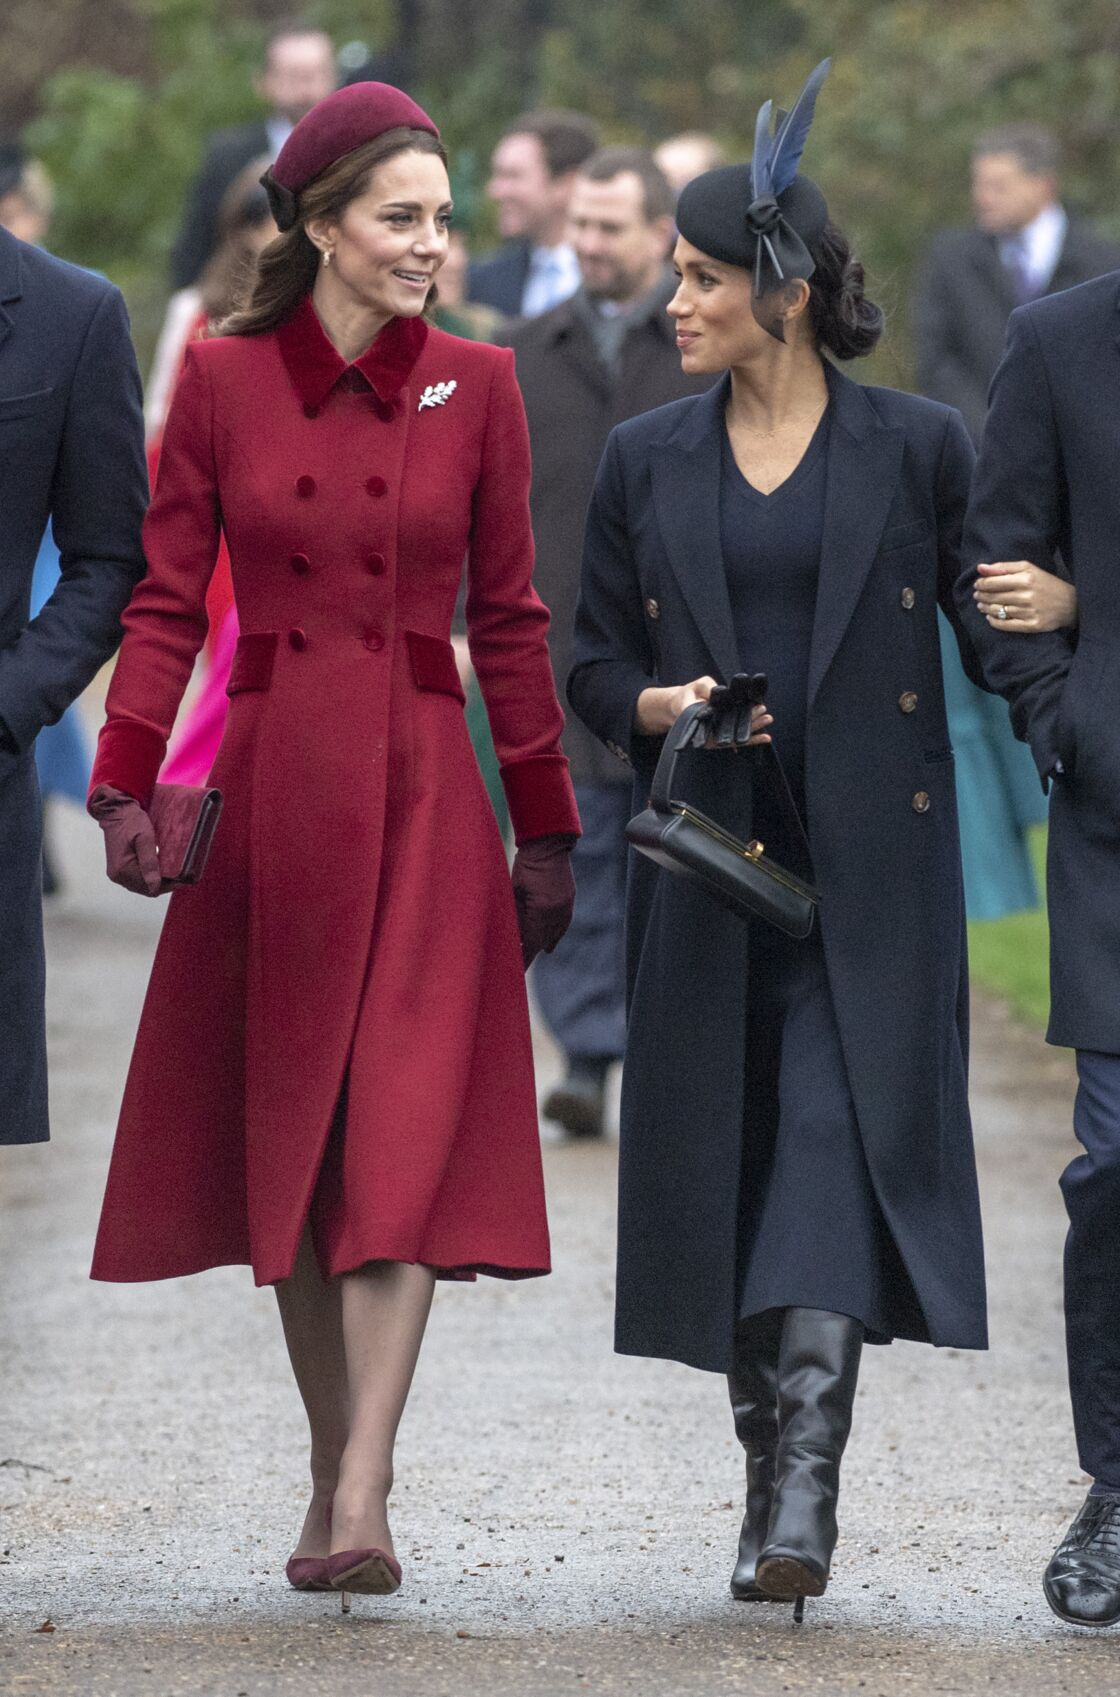 Kate Middleton et Meghan Markle, en décembre 2018, à Sandringham pour le jour de Noël